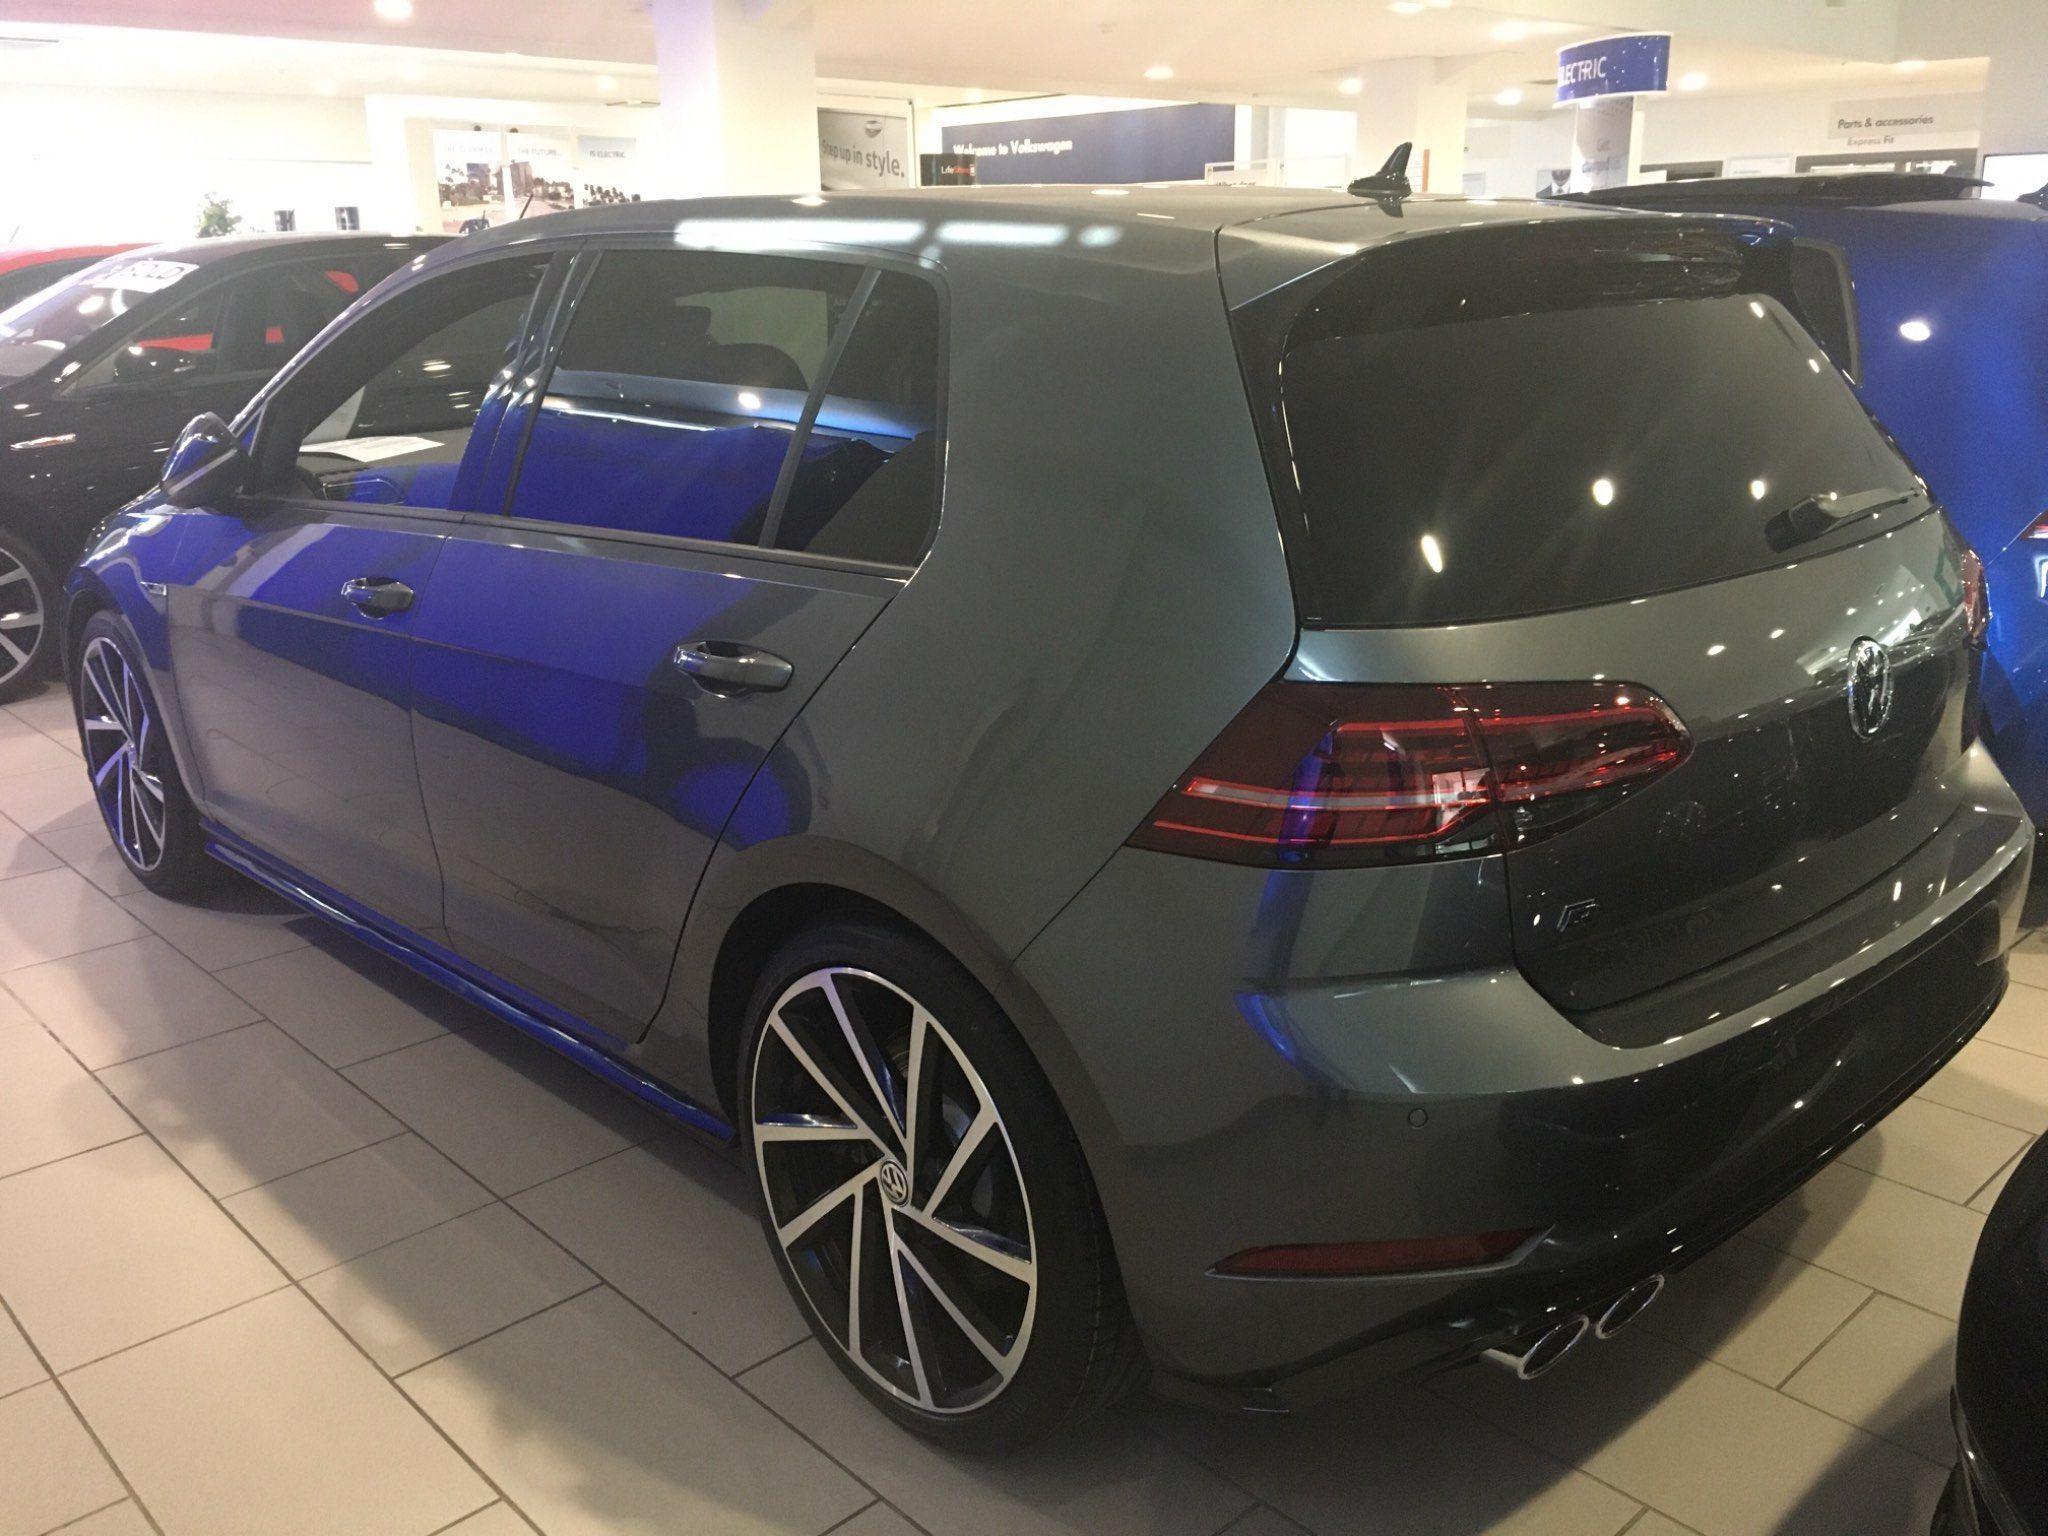 Volkswagen Golf 2 0 Tsi R Dsg 4motion S S 5dr In 2020 Volkswagen Volkswagen Golf Golf